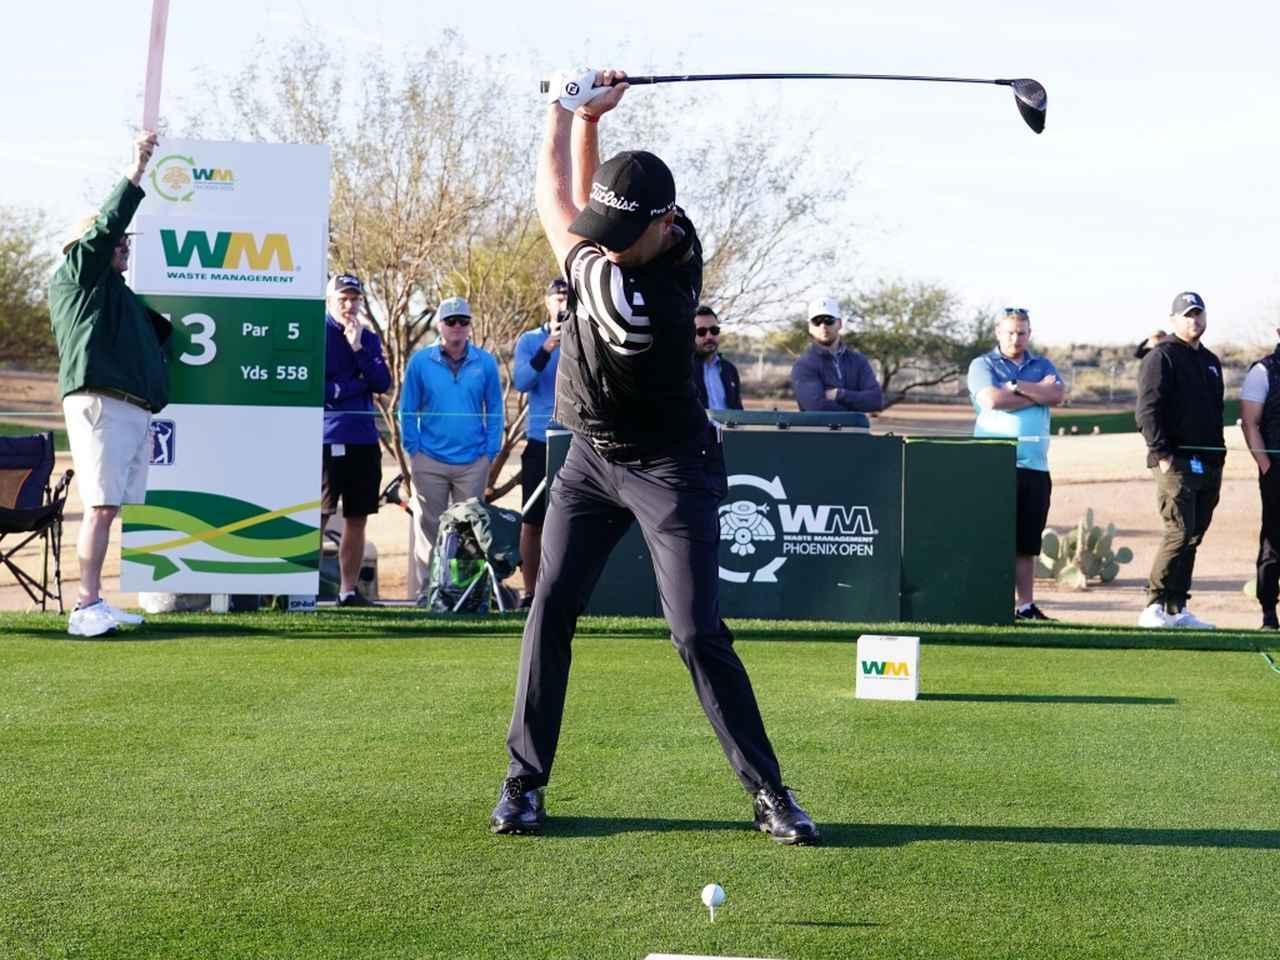 画像18: 【ギア研究】PGAツアートップ選手のレプリカドライバーを組んで打った。「運命のシャフトとヘッド」見つけ方